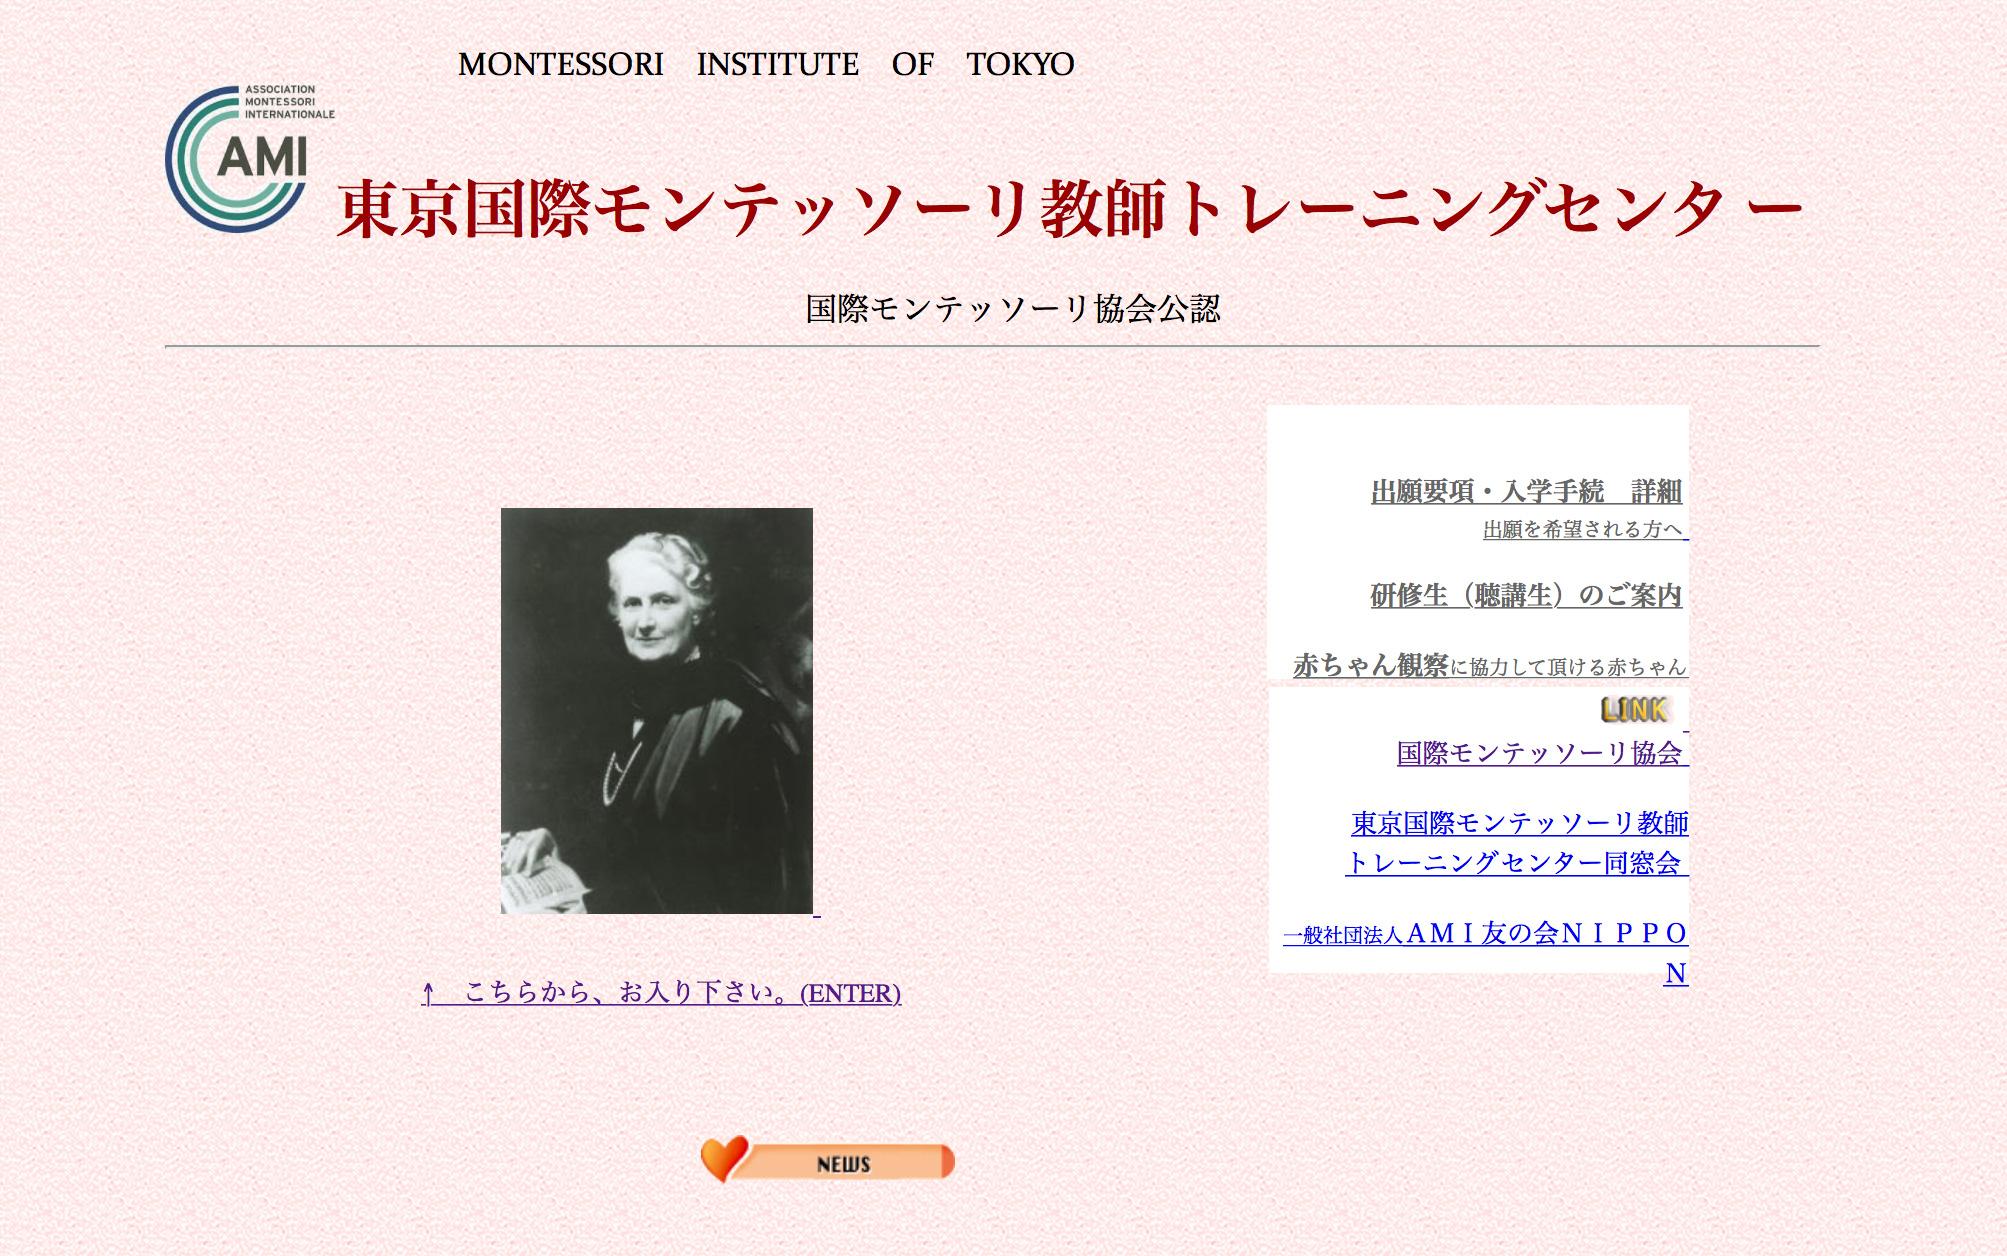 東京国際モンテッソーリ教師トレーニングセンターのホームページ